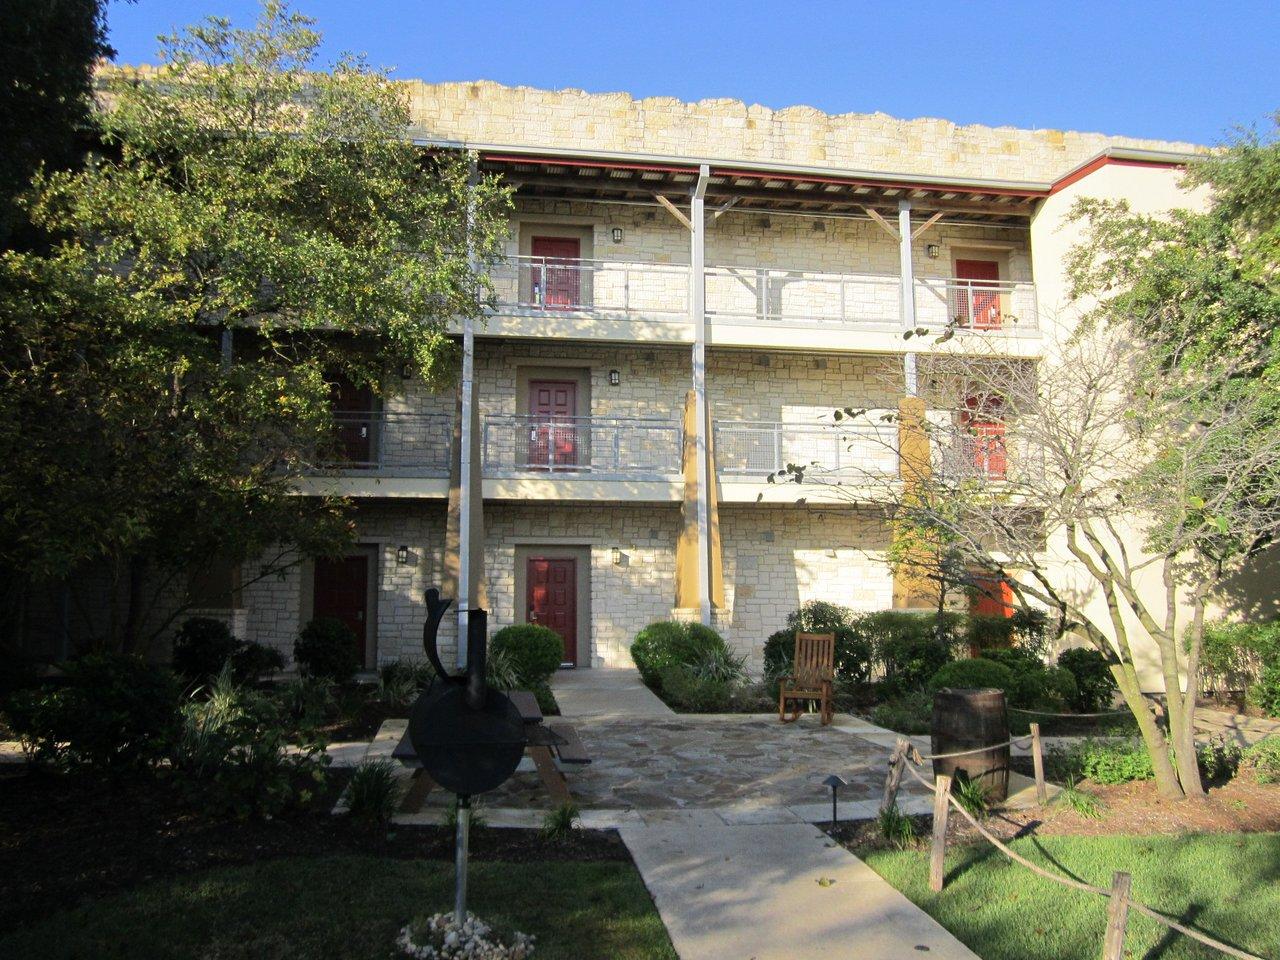 Hyatt Wild Oak Ranch Building Exterior